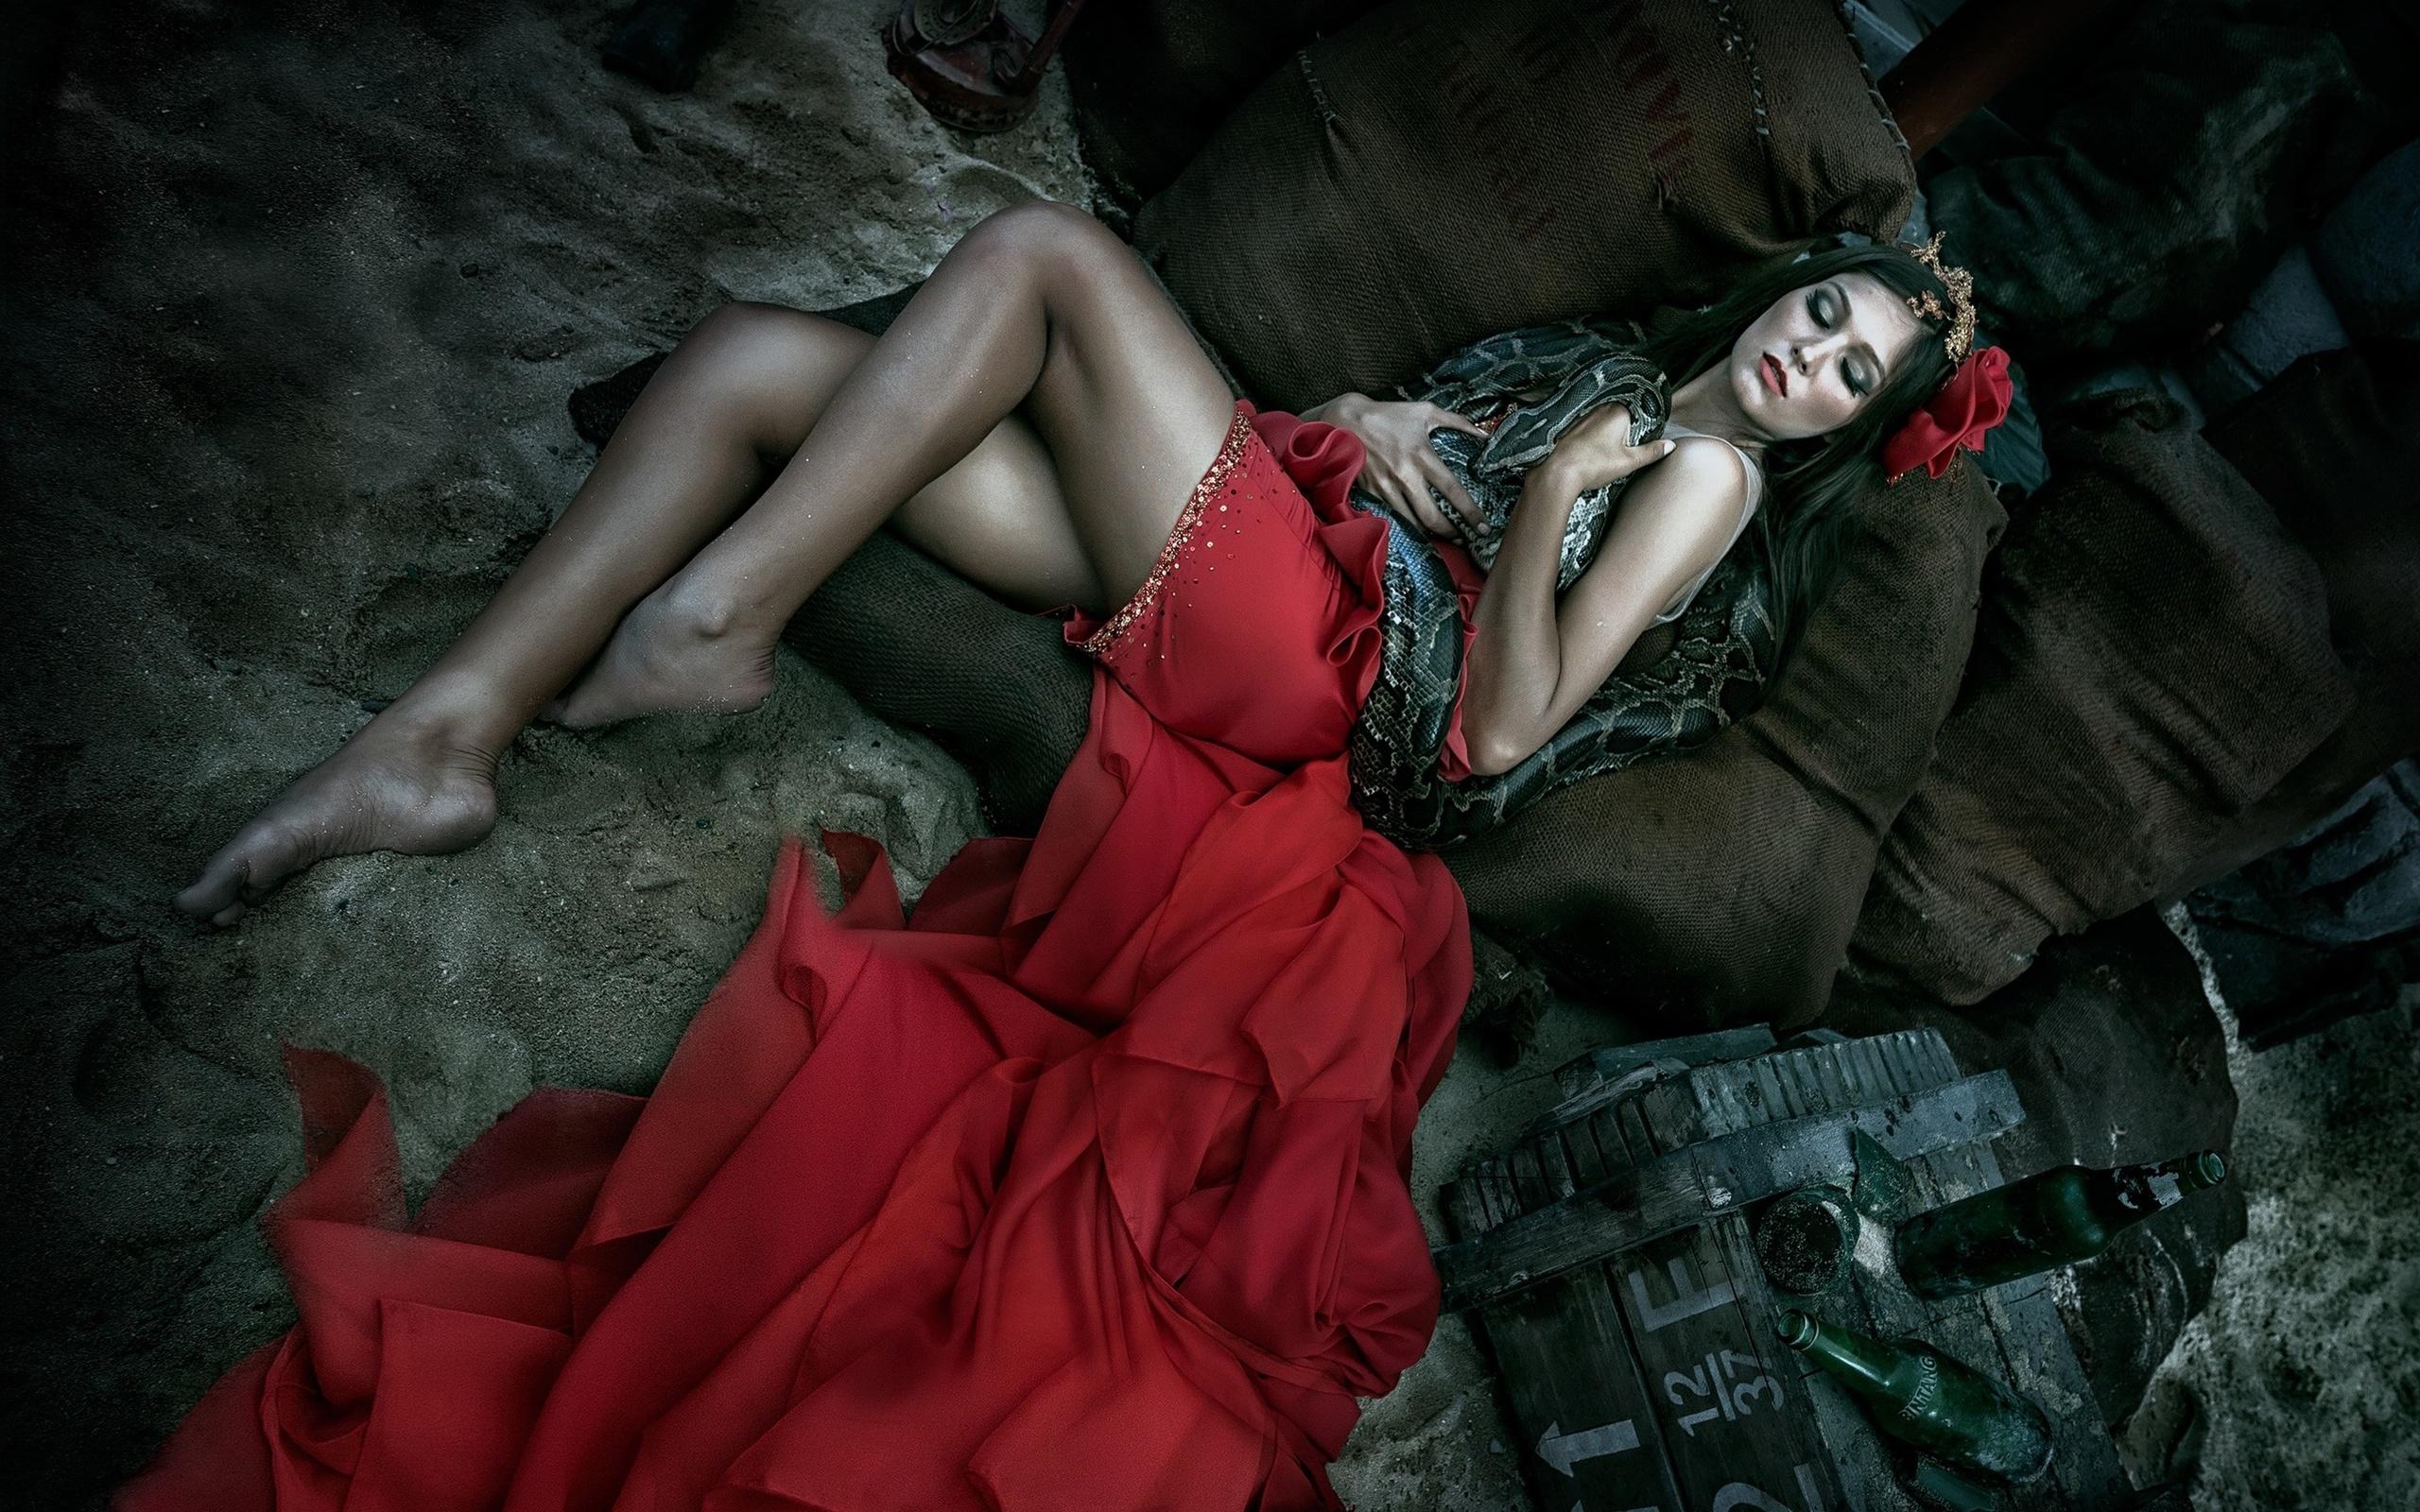 спящая девушка, змея